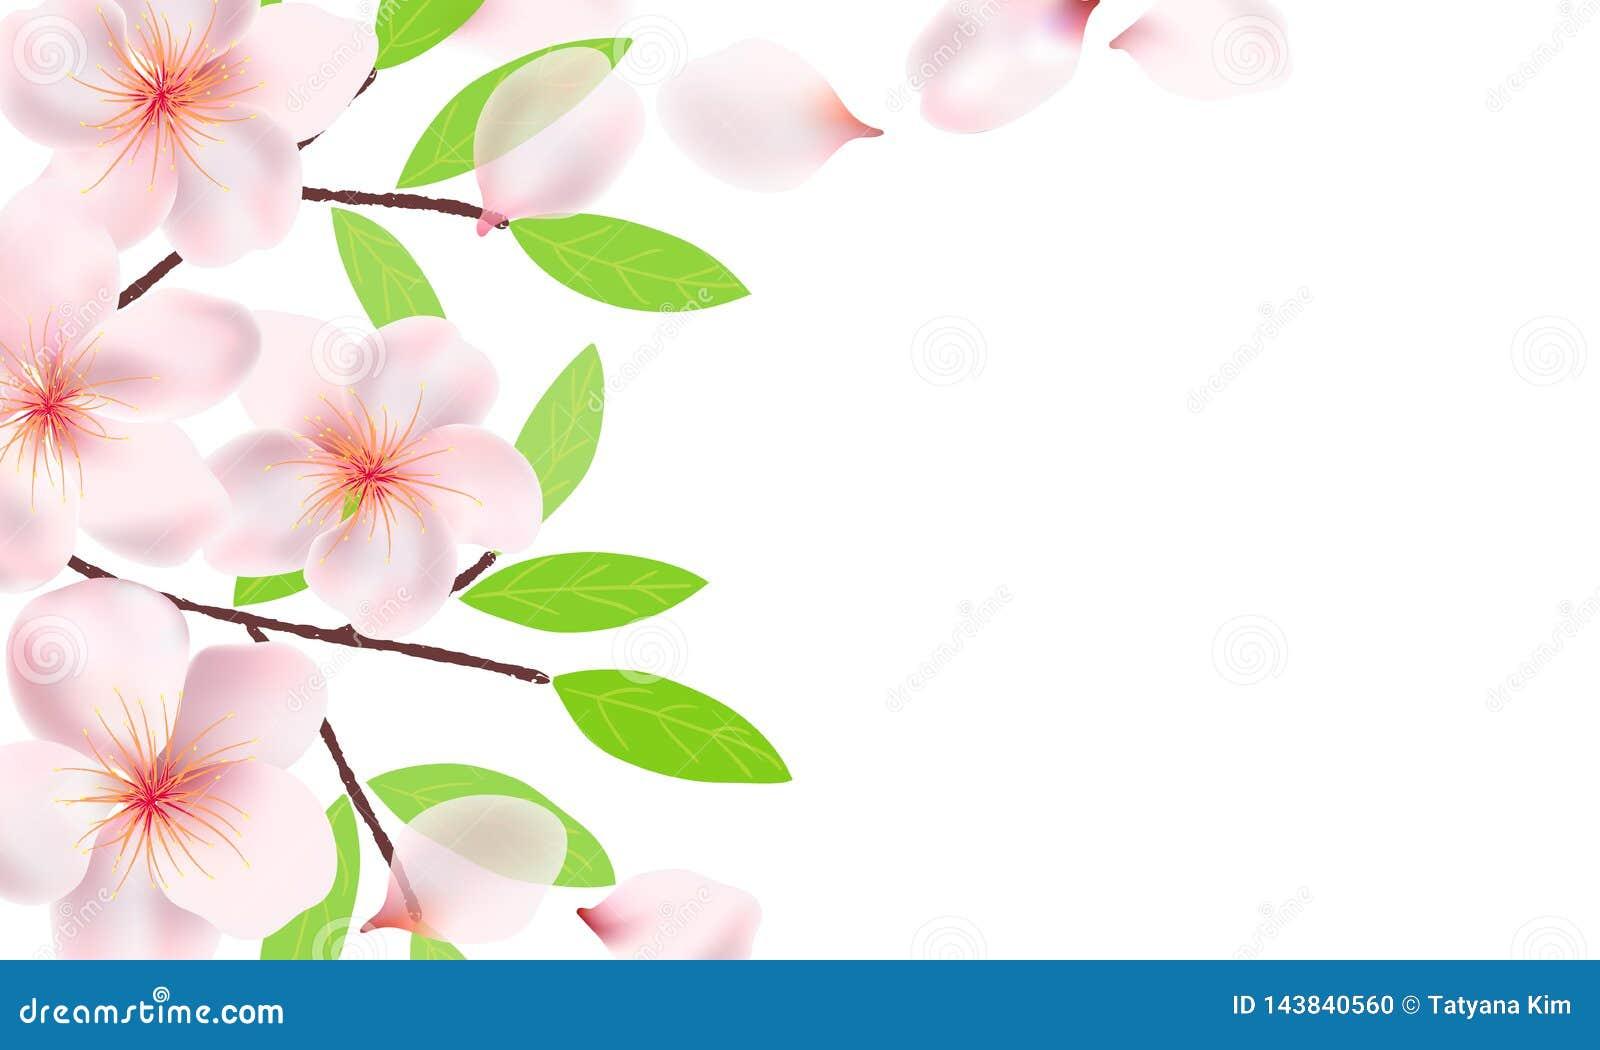 Flores Ramos E Folhas Do Fundo De Sakura Flores De Cerejeira